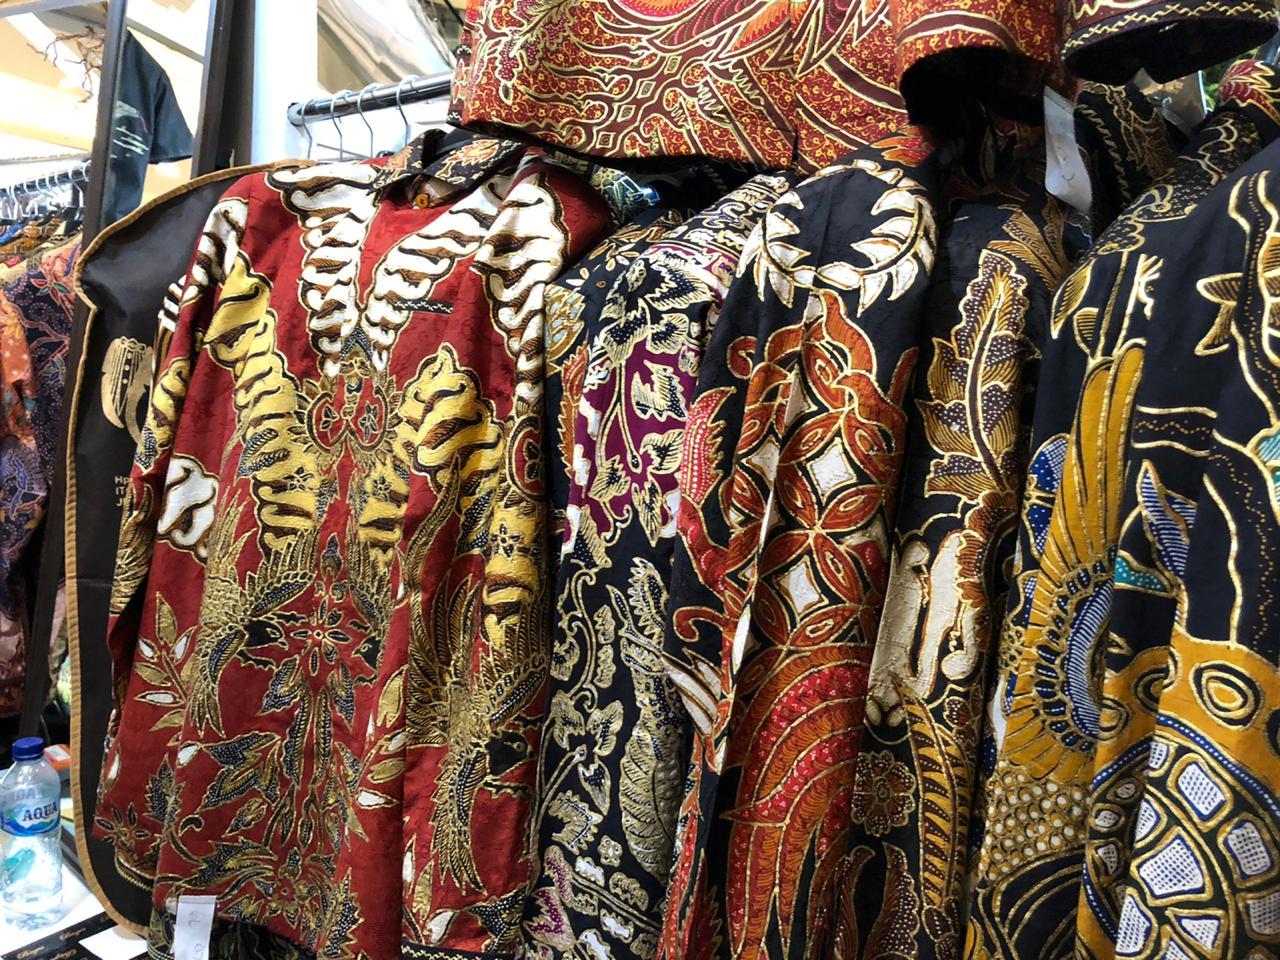 Angkat isu lingkungan, desainer bikin karya desain batik mewah